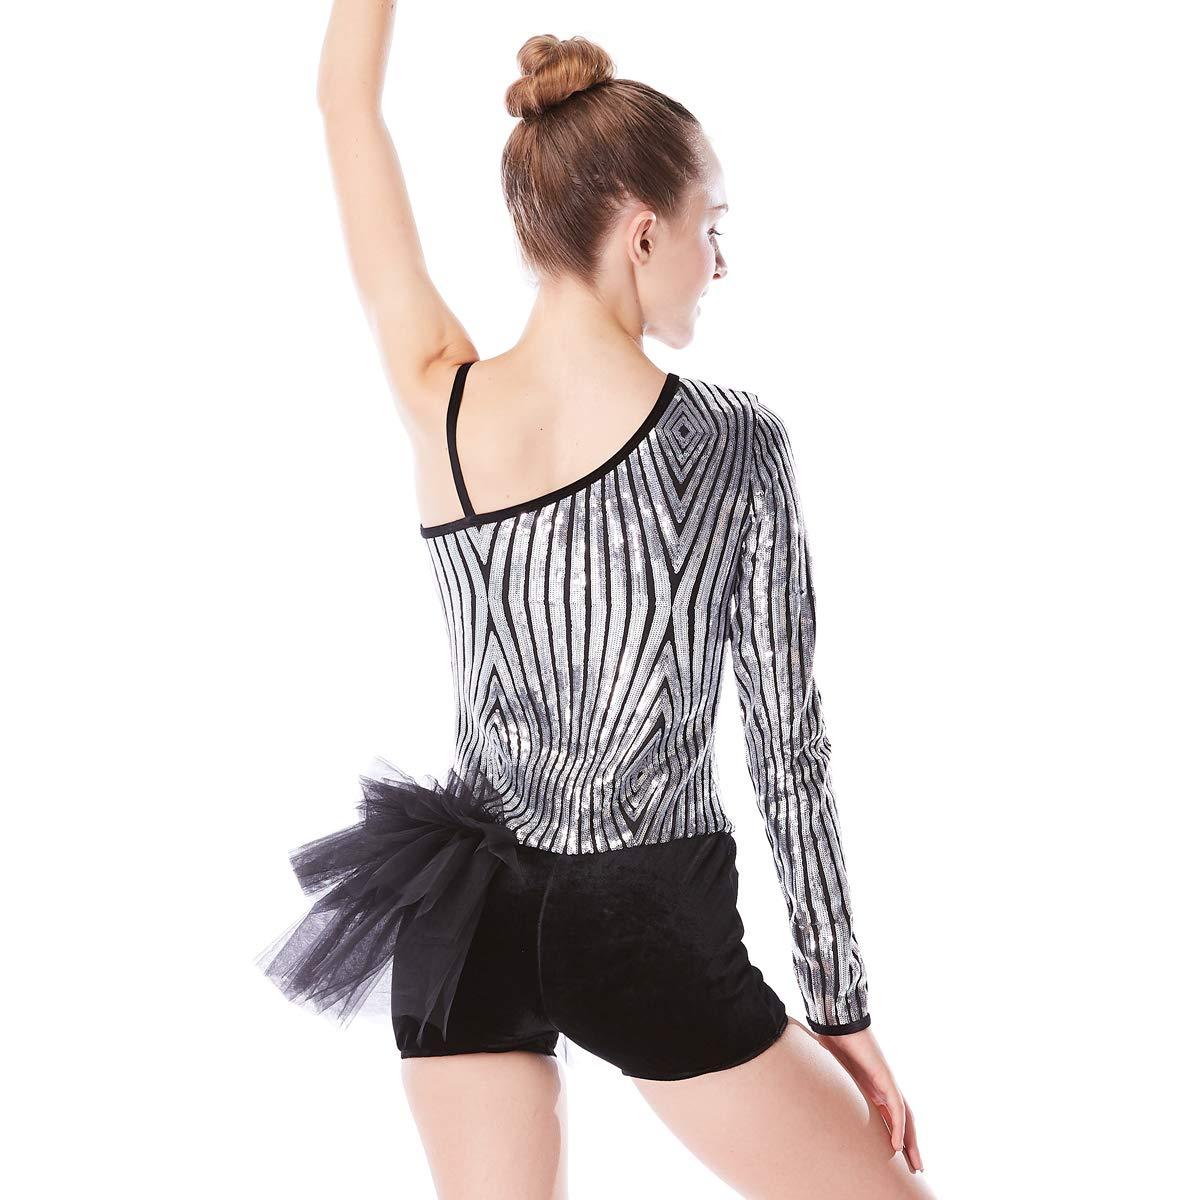 MiDee Diagonale-Hals Pailletten Tap & Jazz SAMT SAMT SAMT Biketard Tanz - Kostüm B01MYPERI3 Bekleidung Viel Spaß 44dc4b